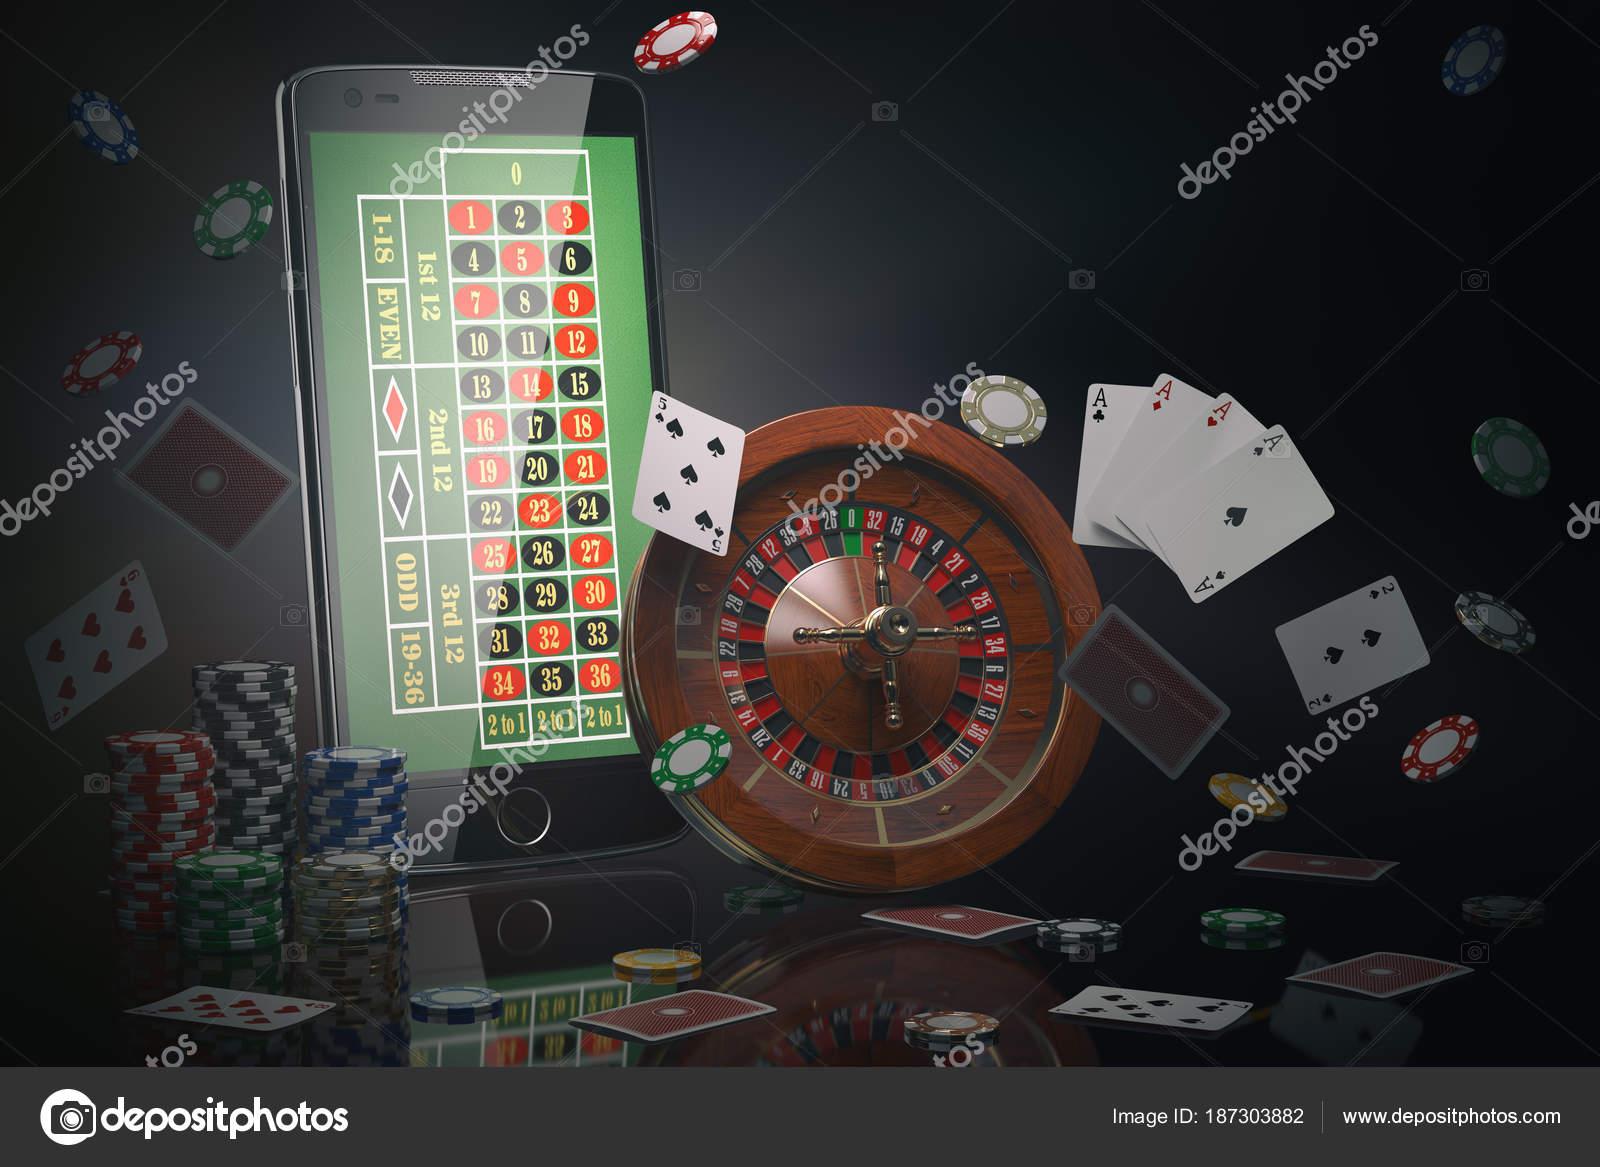 На реальные деньги можно играть с Вулкан, запуская его игровой автомат